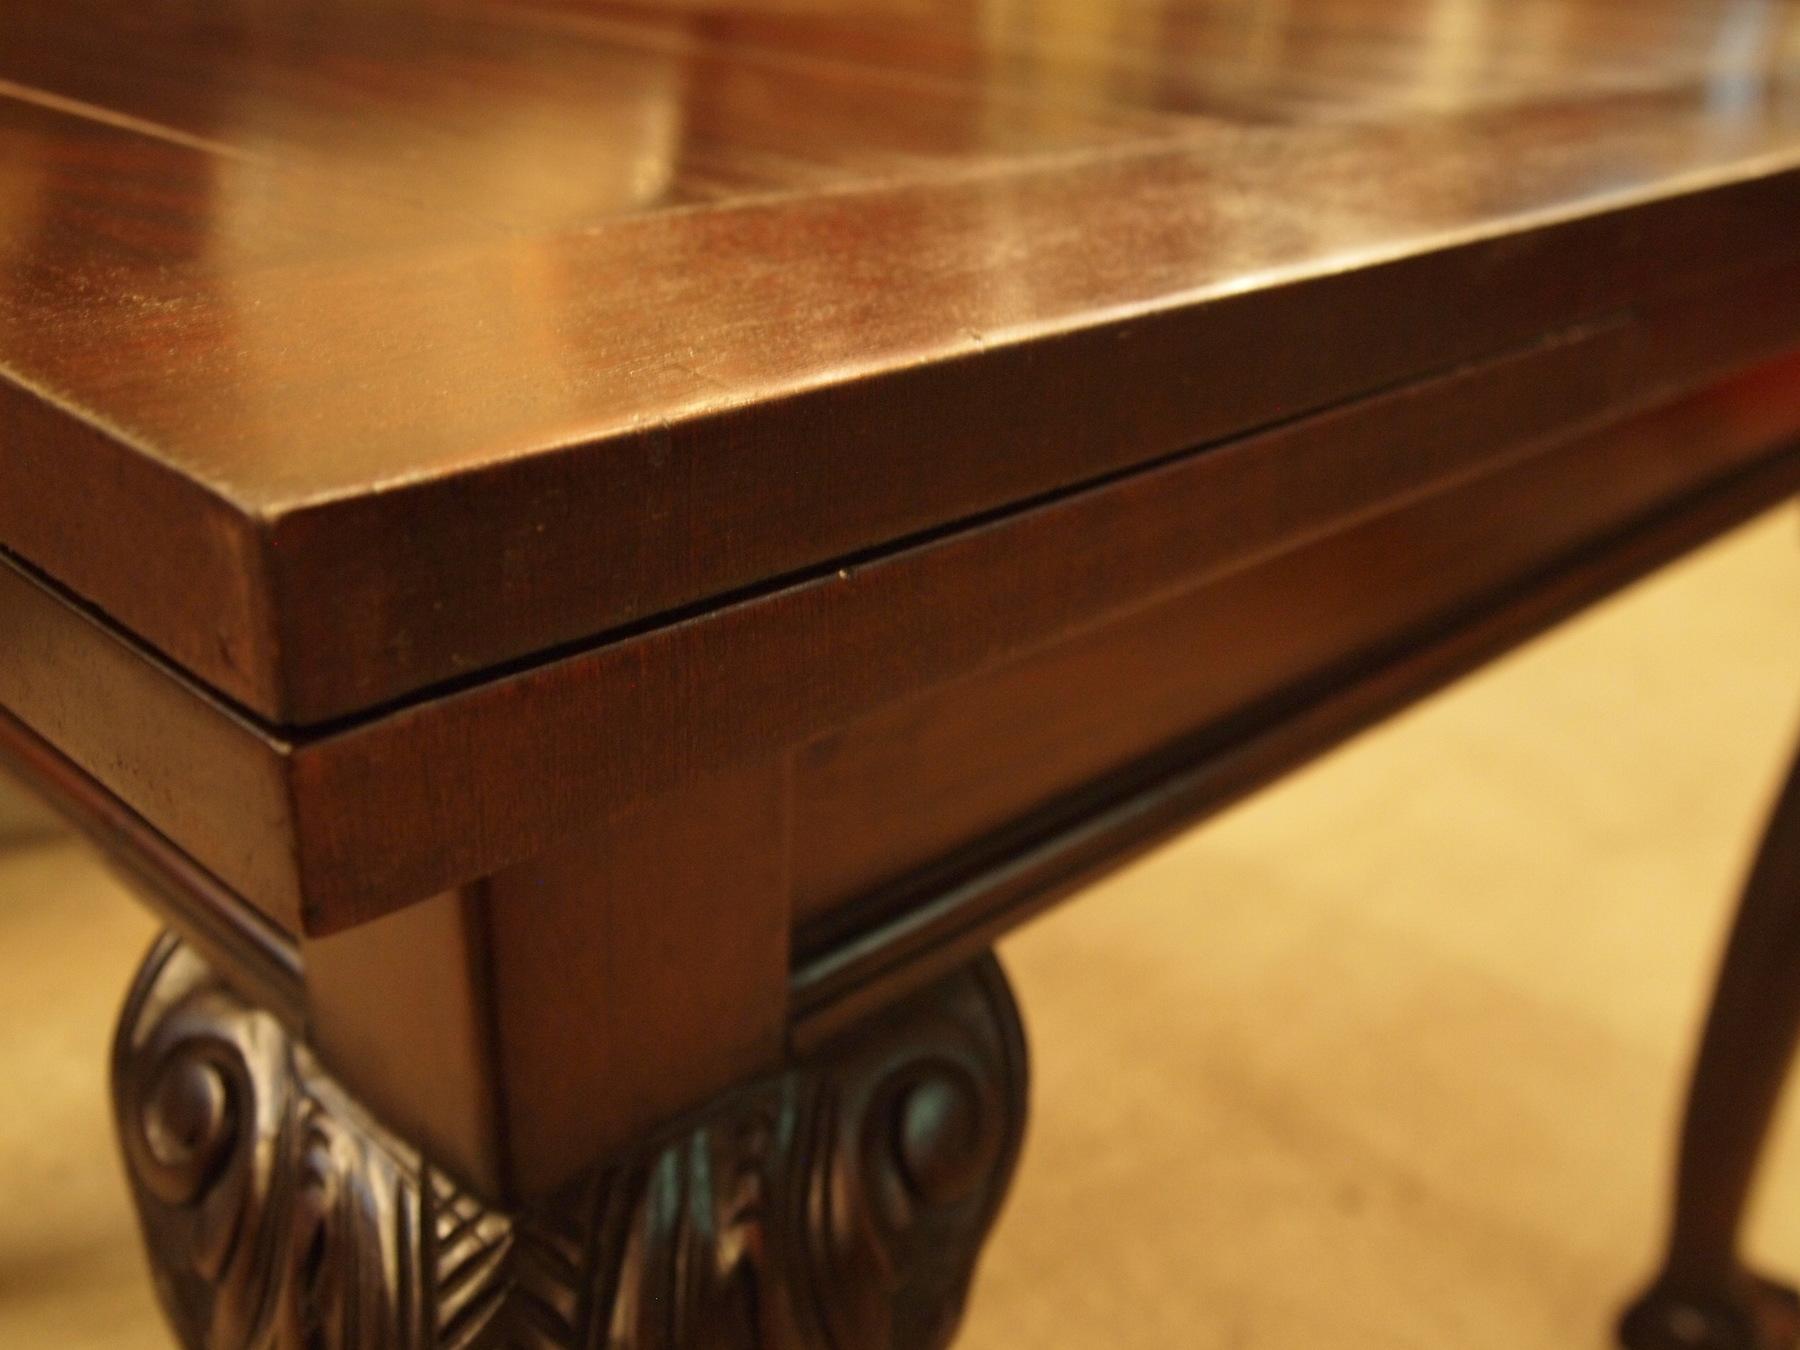 table190609a_05.JPG